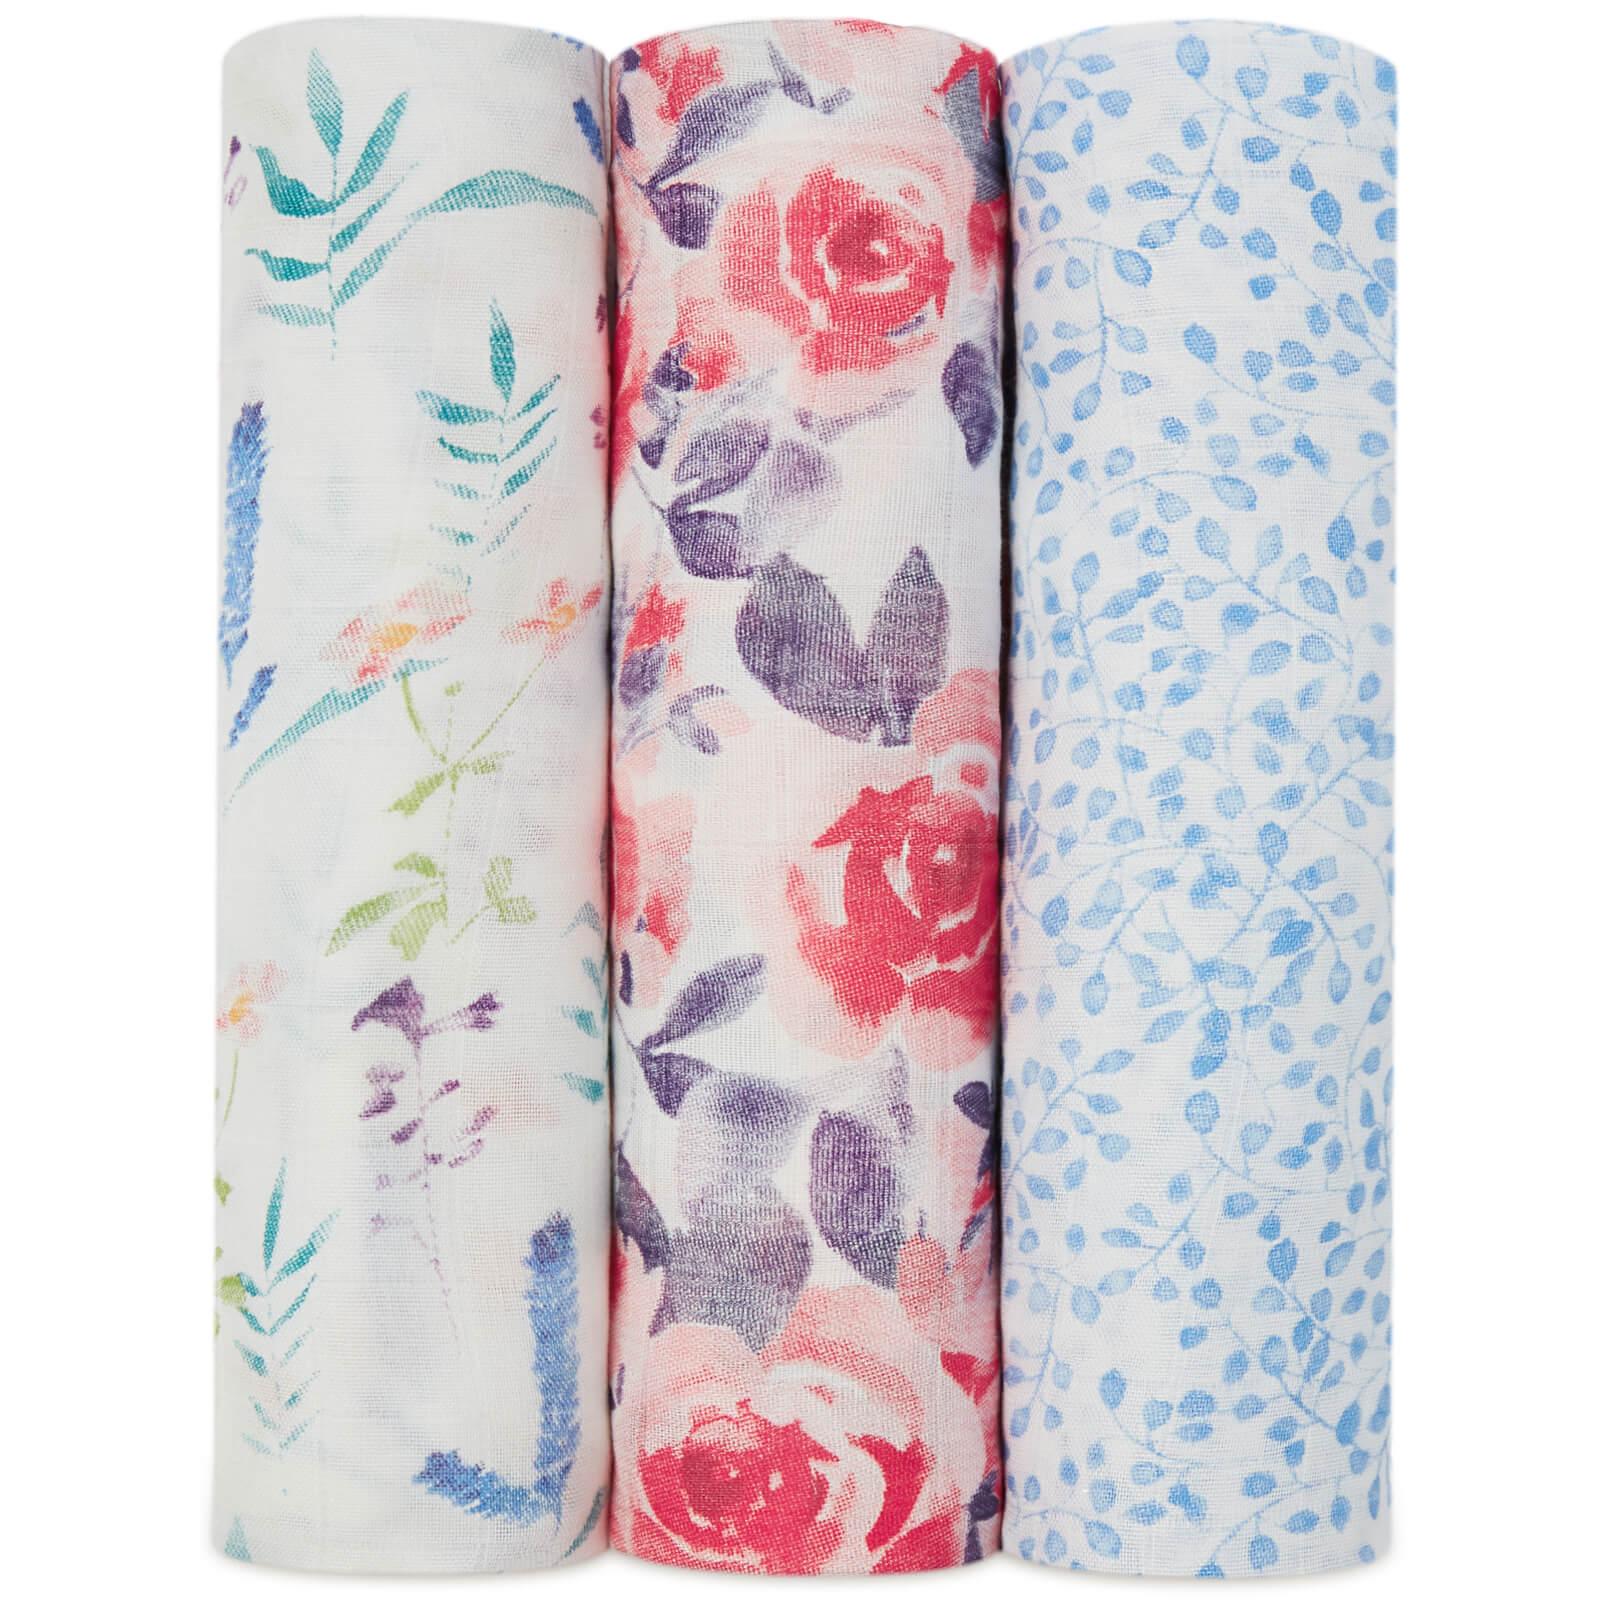 aden + anais Silky Soft Swaddles - Watercolour Garden (3 Pack)